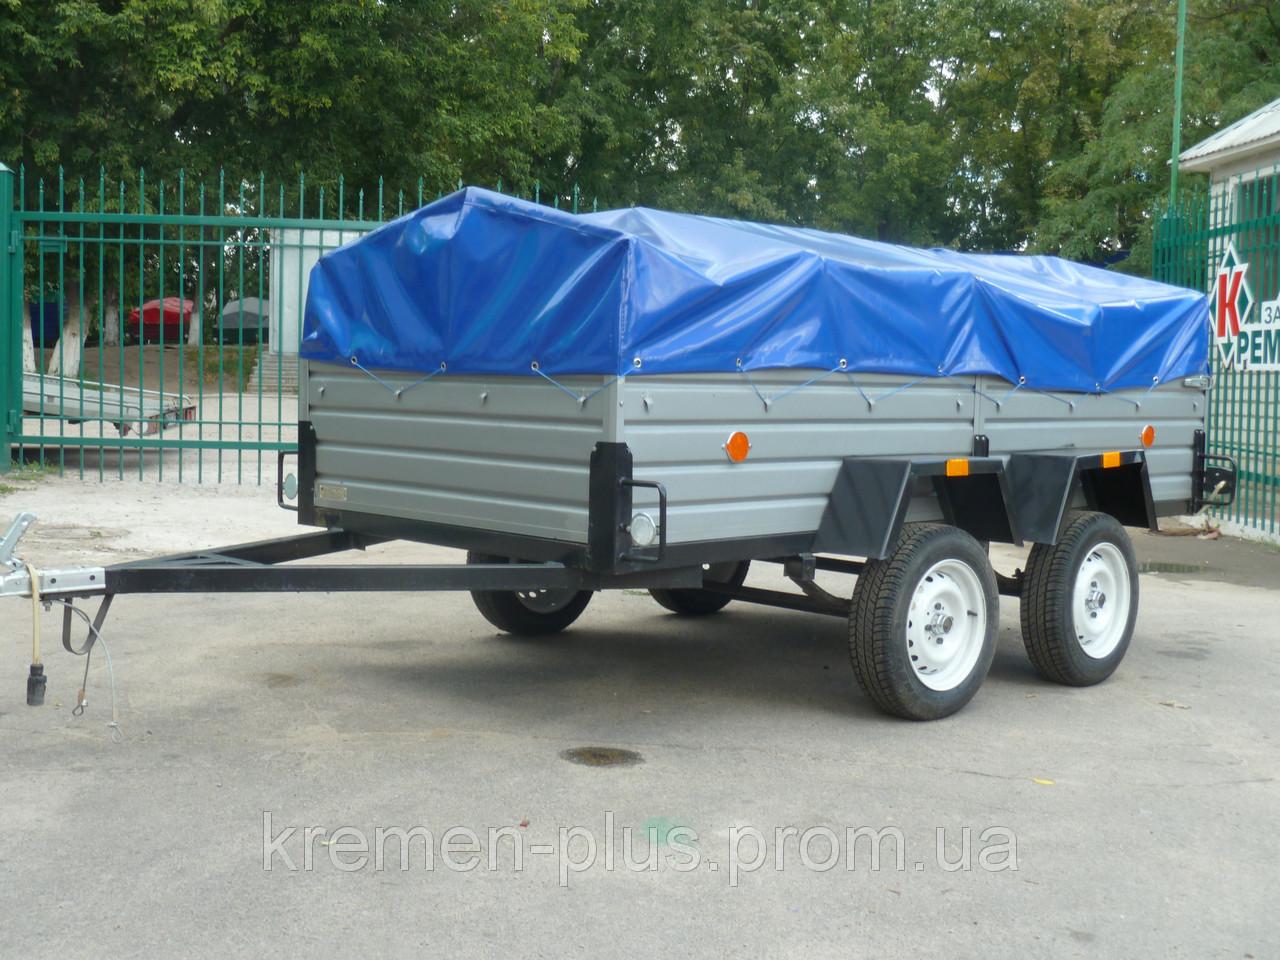 Продам легковой прицеп в Днепропетровске, фото 1